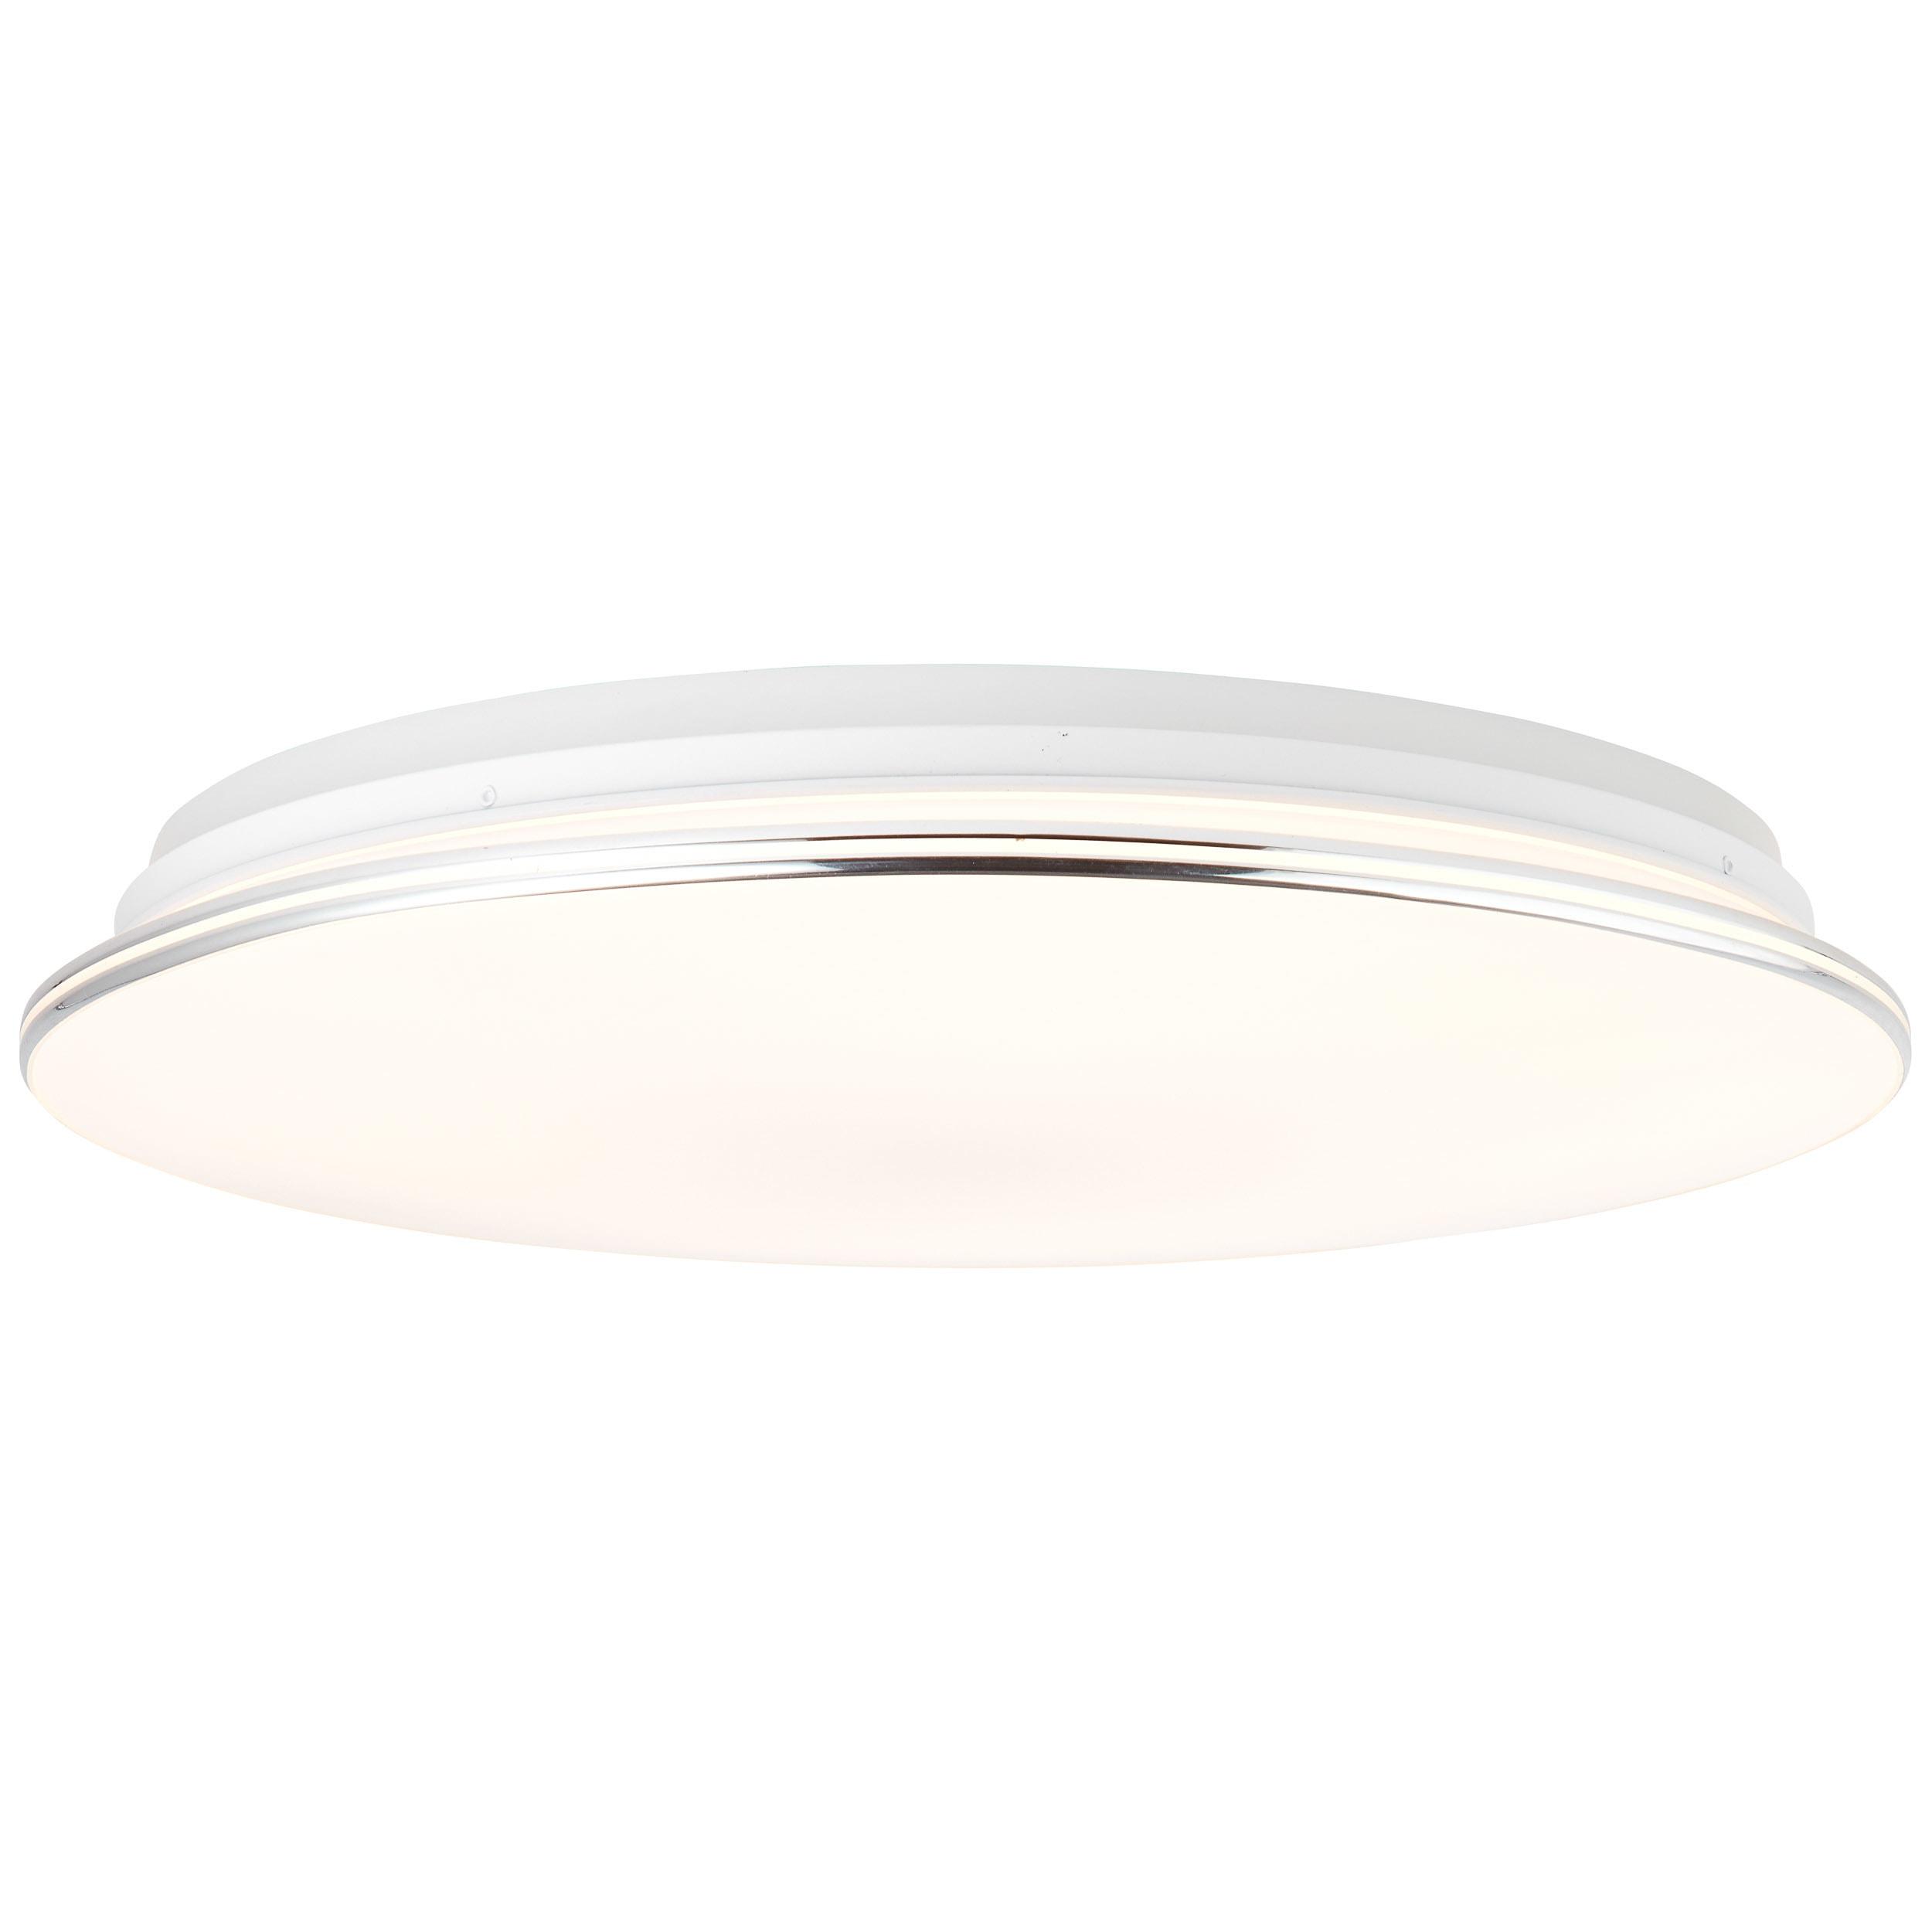 Brilliant Leuchten Edna LED Deckenleuchte 50cm weiß/chrom